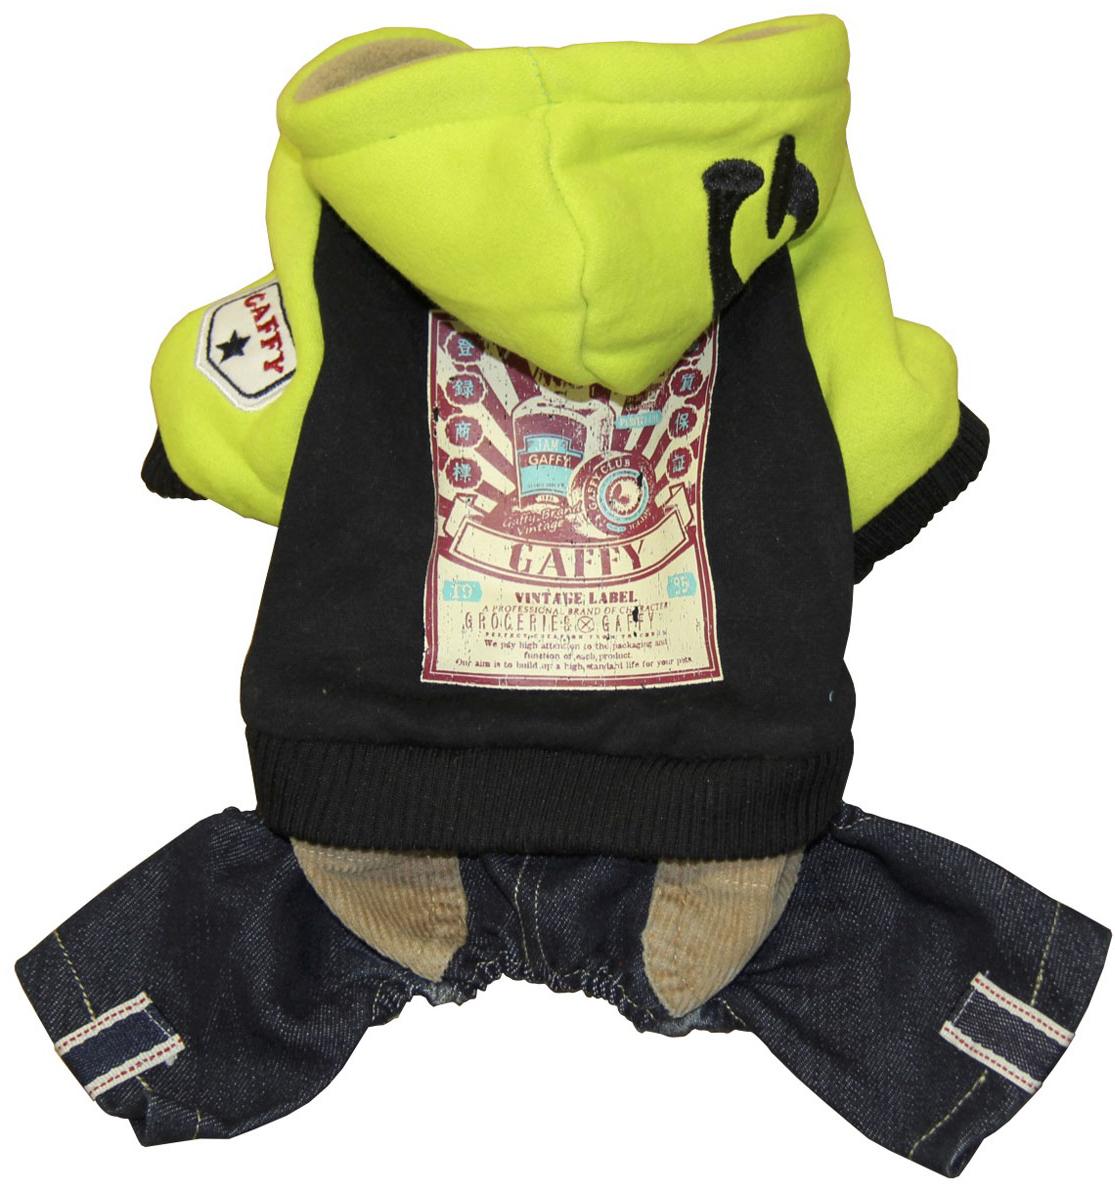 Костюм для собак Gaffy Pet Vintage Store, унисекс, цвет: салатовый, черный. Размер L костюм для собак gaffy pet baseball унисекс цвет оранжевый синий размер s